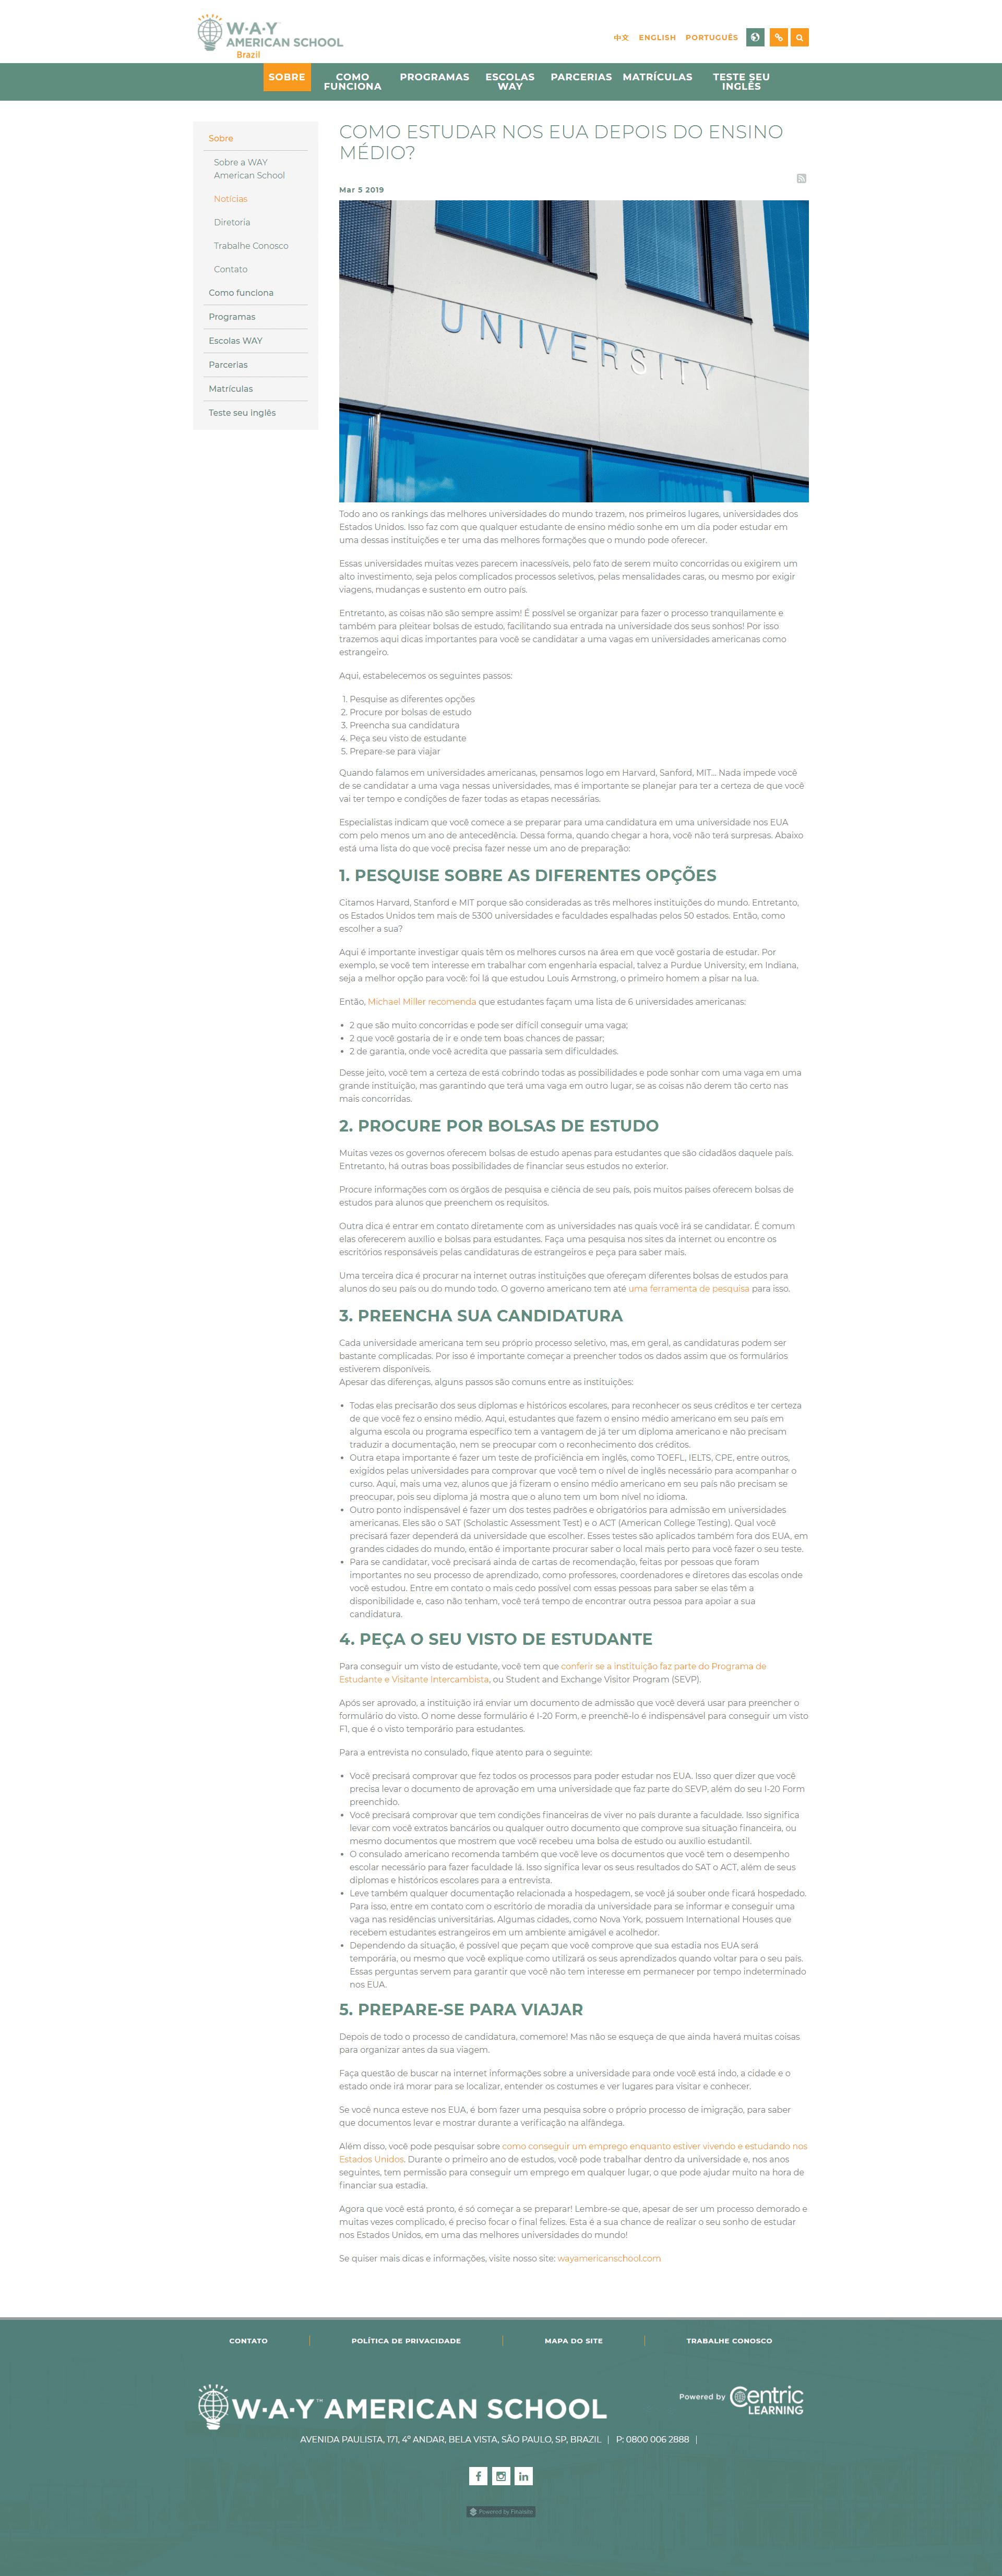 screencapture-wayamericanschool-br-sobre-news-detalhes-de-noticias-board-way-blog-br-post-como-estudar-nos-eua-depois-do-ensino-mdio-2021-01-14-22_50_35